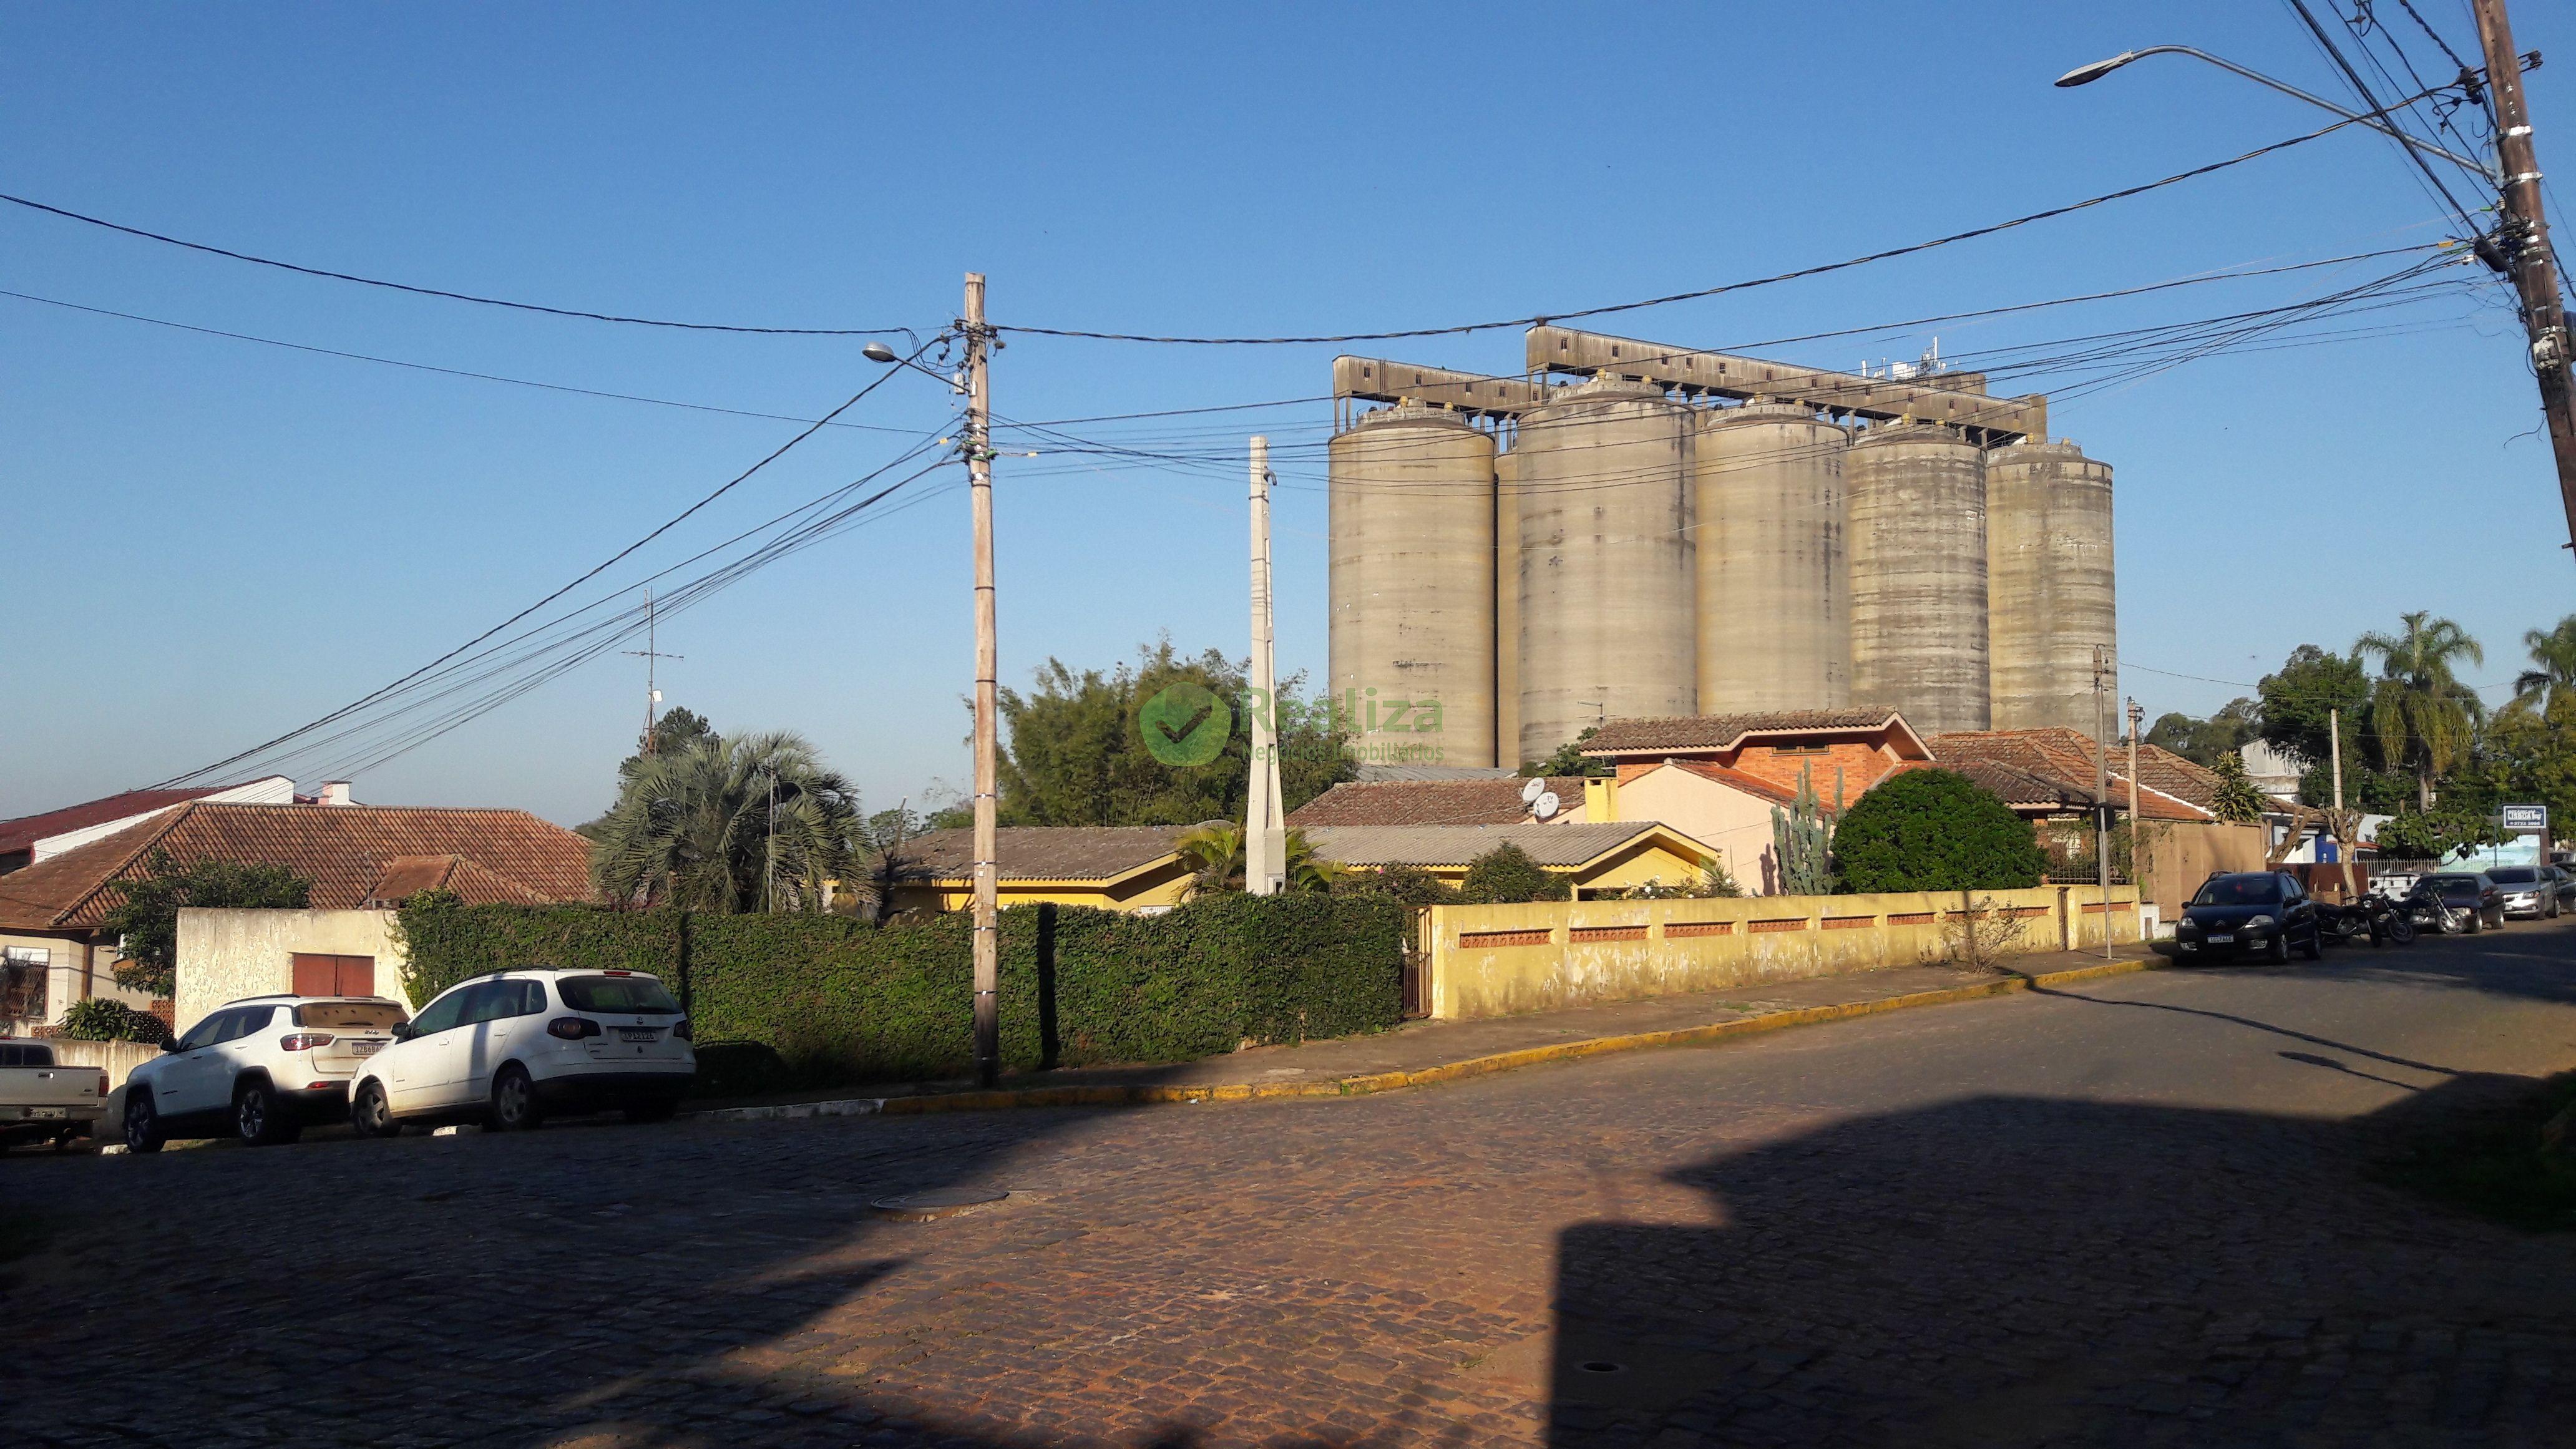 Terreno/Lote à venda  no Frota - Cachoeira do Sul, RS. Imóveis